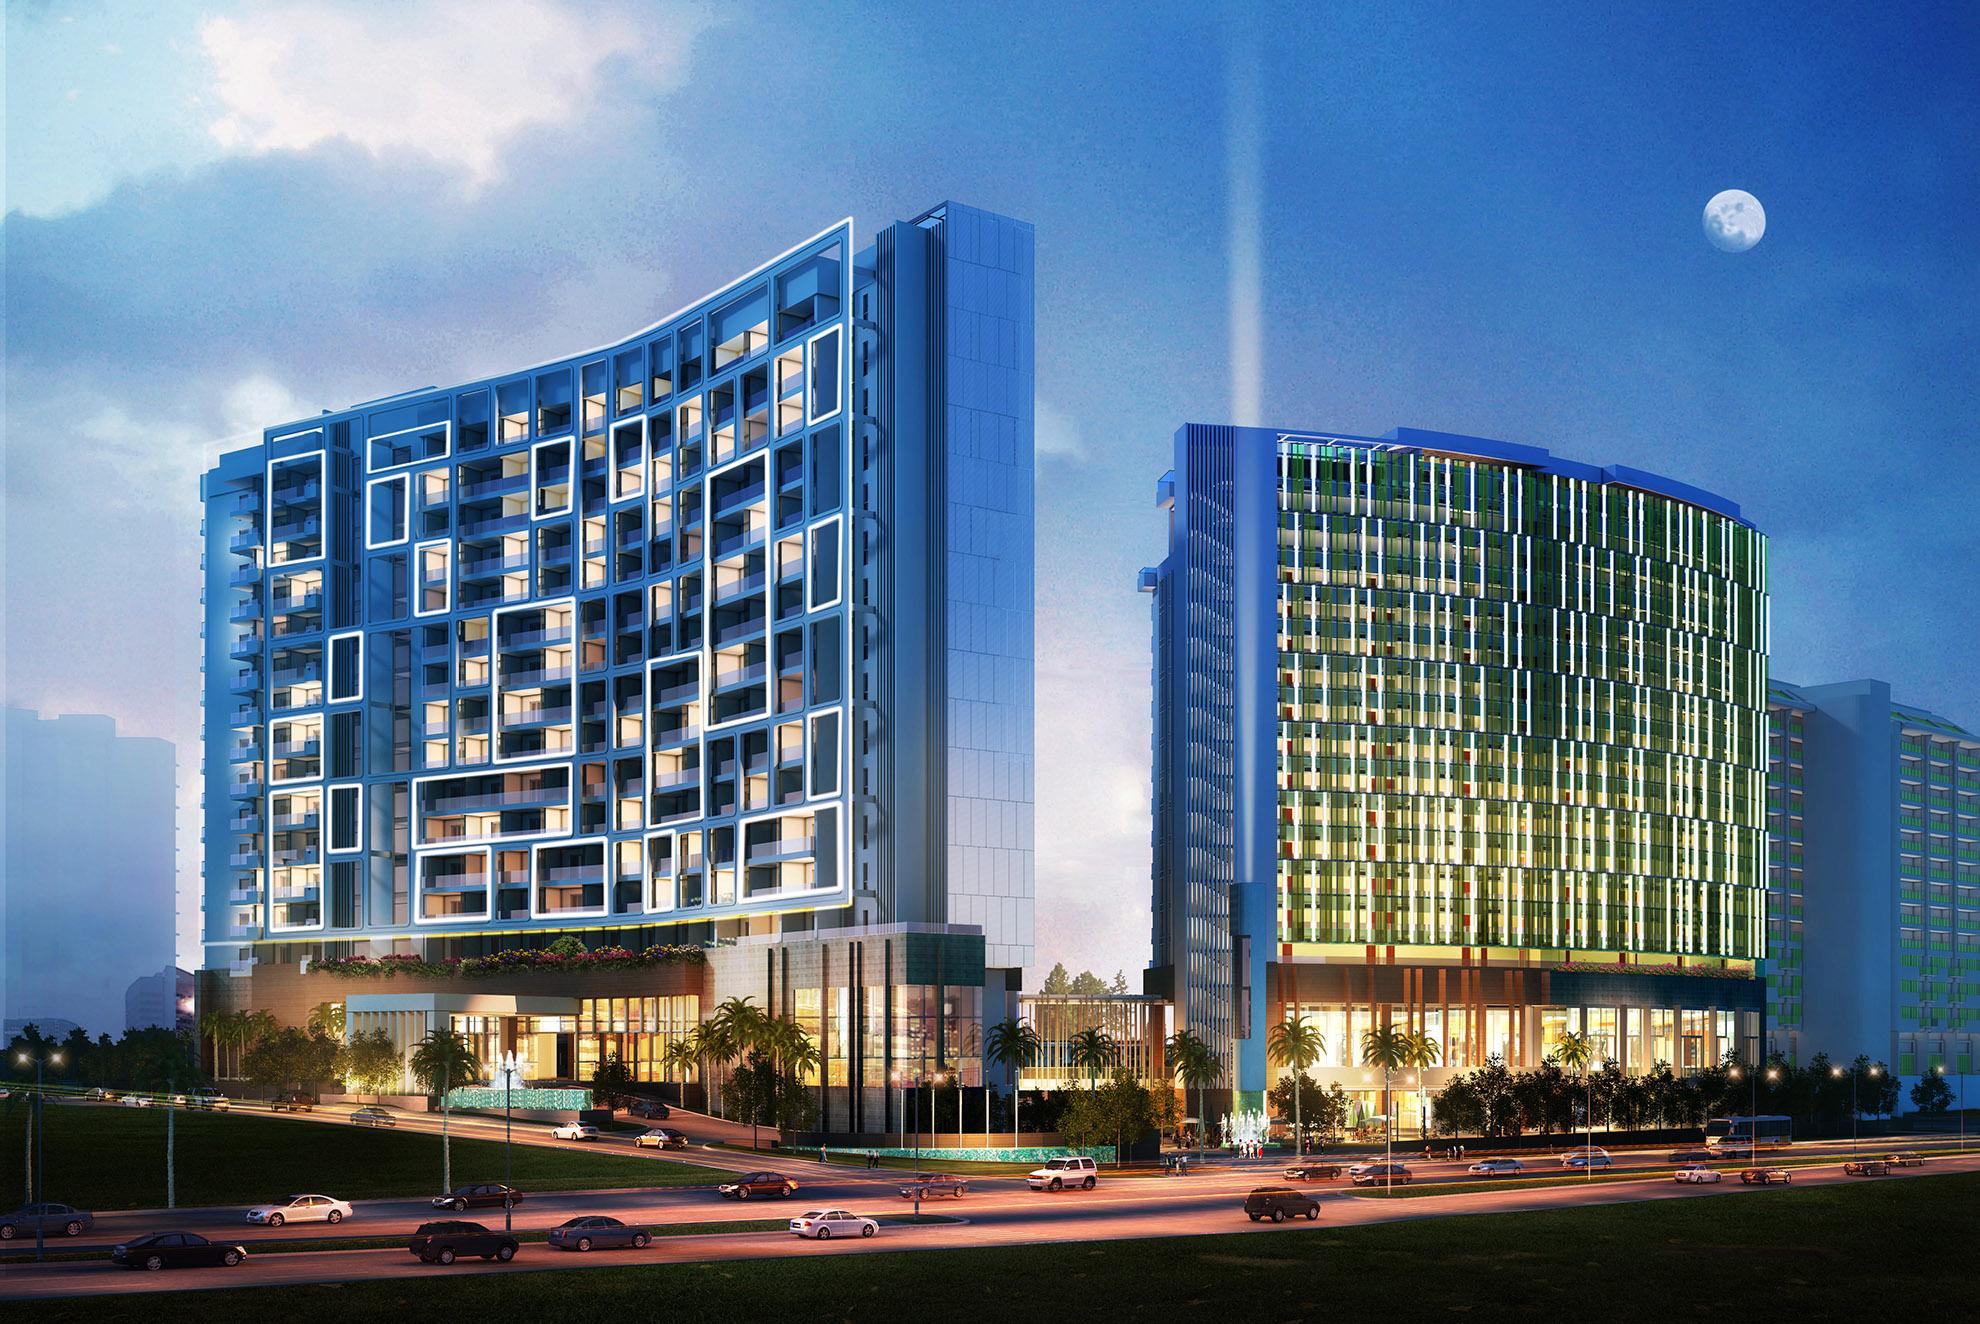 三亚湾丽禾温德姆酒店